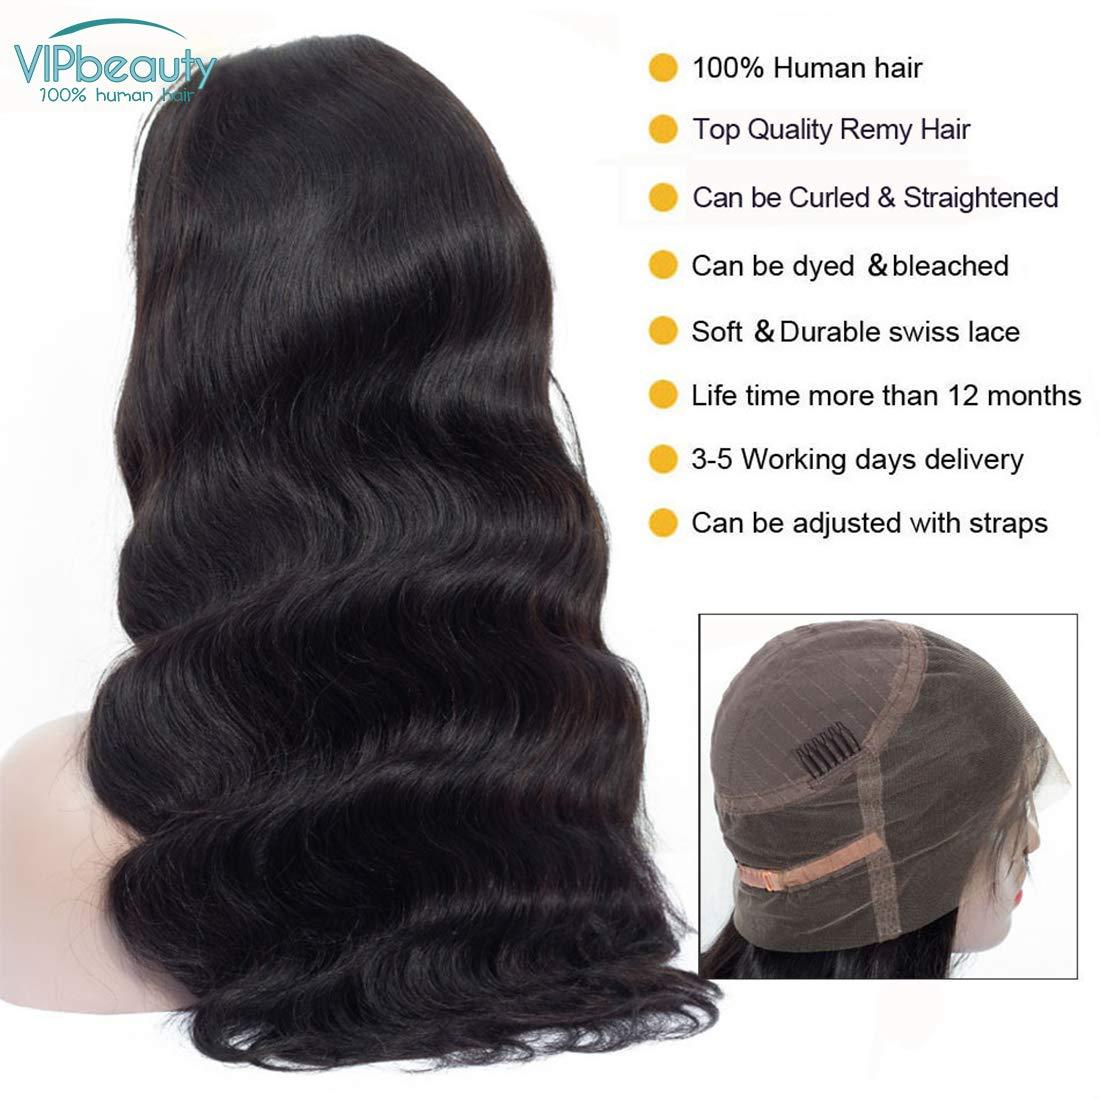 VIPbeauty 360 lace frontale perruque body wave Ondulé brésiliens vierges  avec cheveux de bébé 180% Densité pour femme